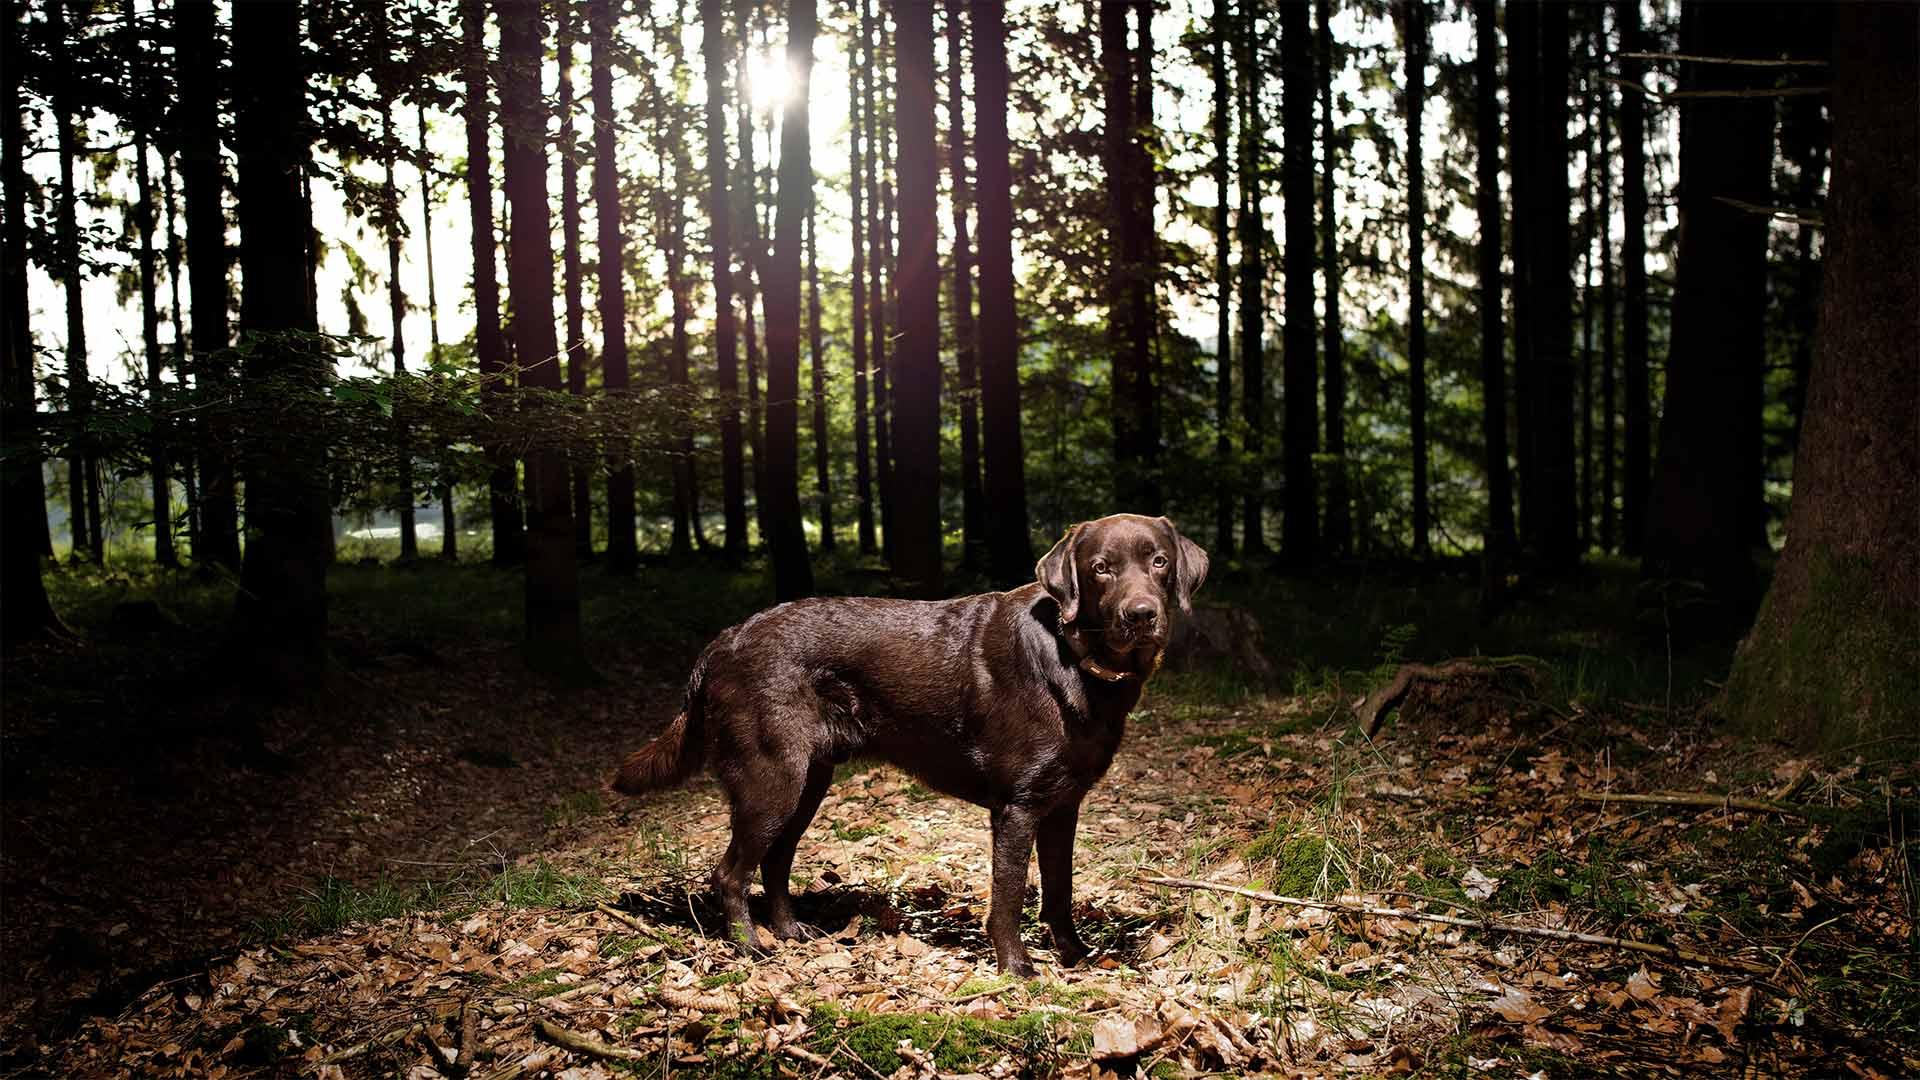 hundefotografie-in-der-natur-labrador-lichtung-hd